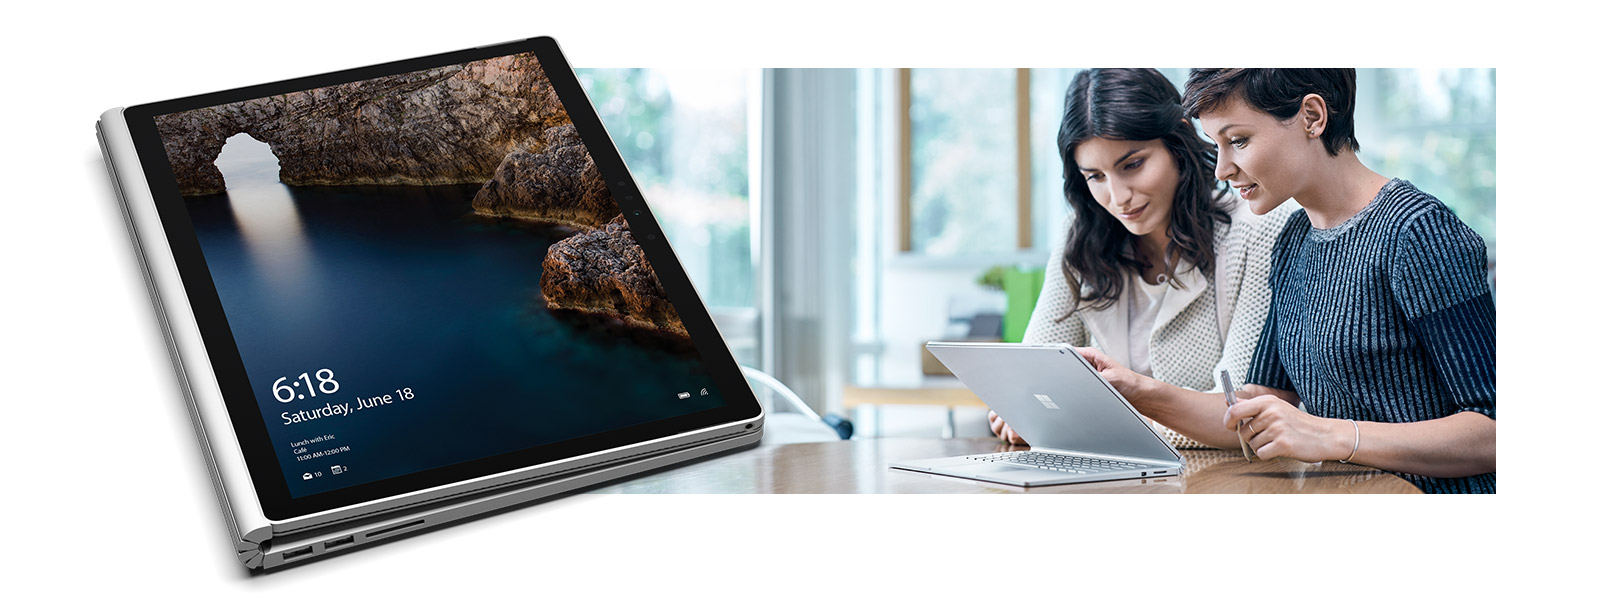 Surface Book im Grafikmodus, daneben das Bild zweier Frauen, die am Schreibtisch sitzen und auf einem Surface Book arbeiten